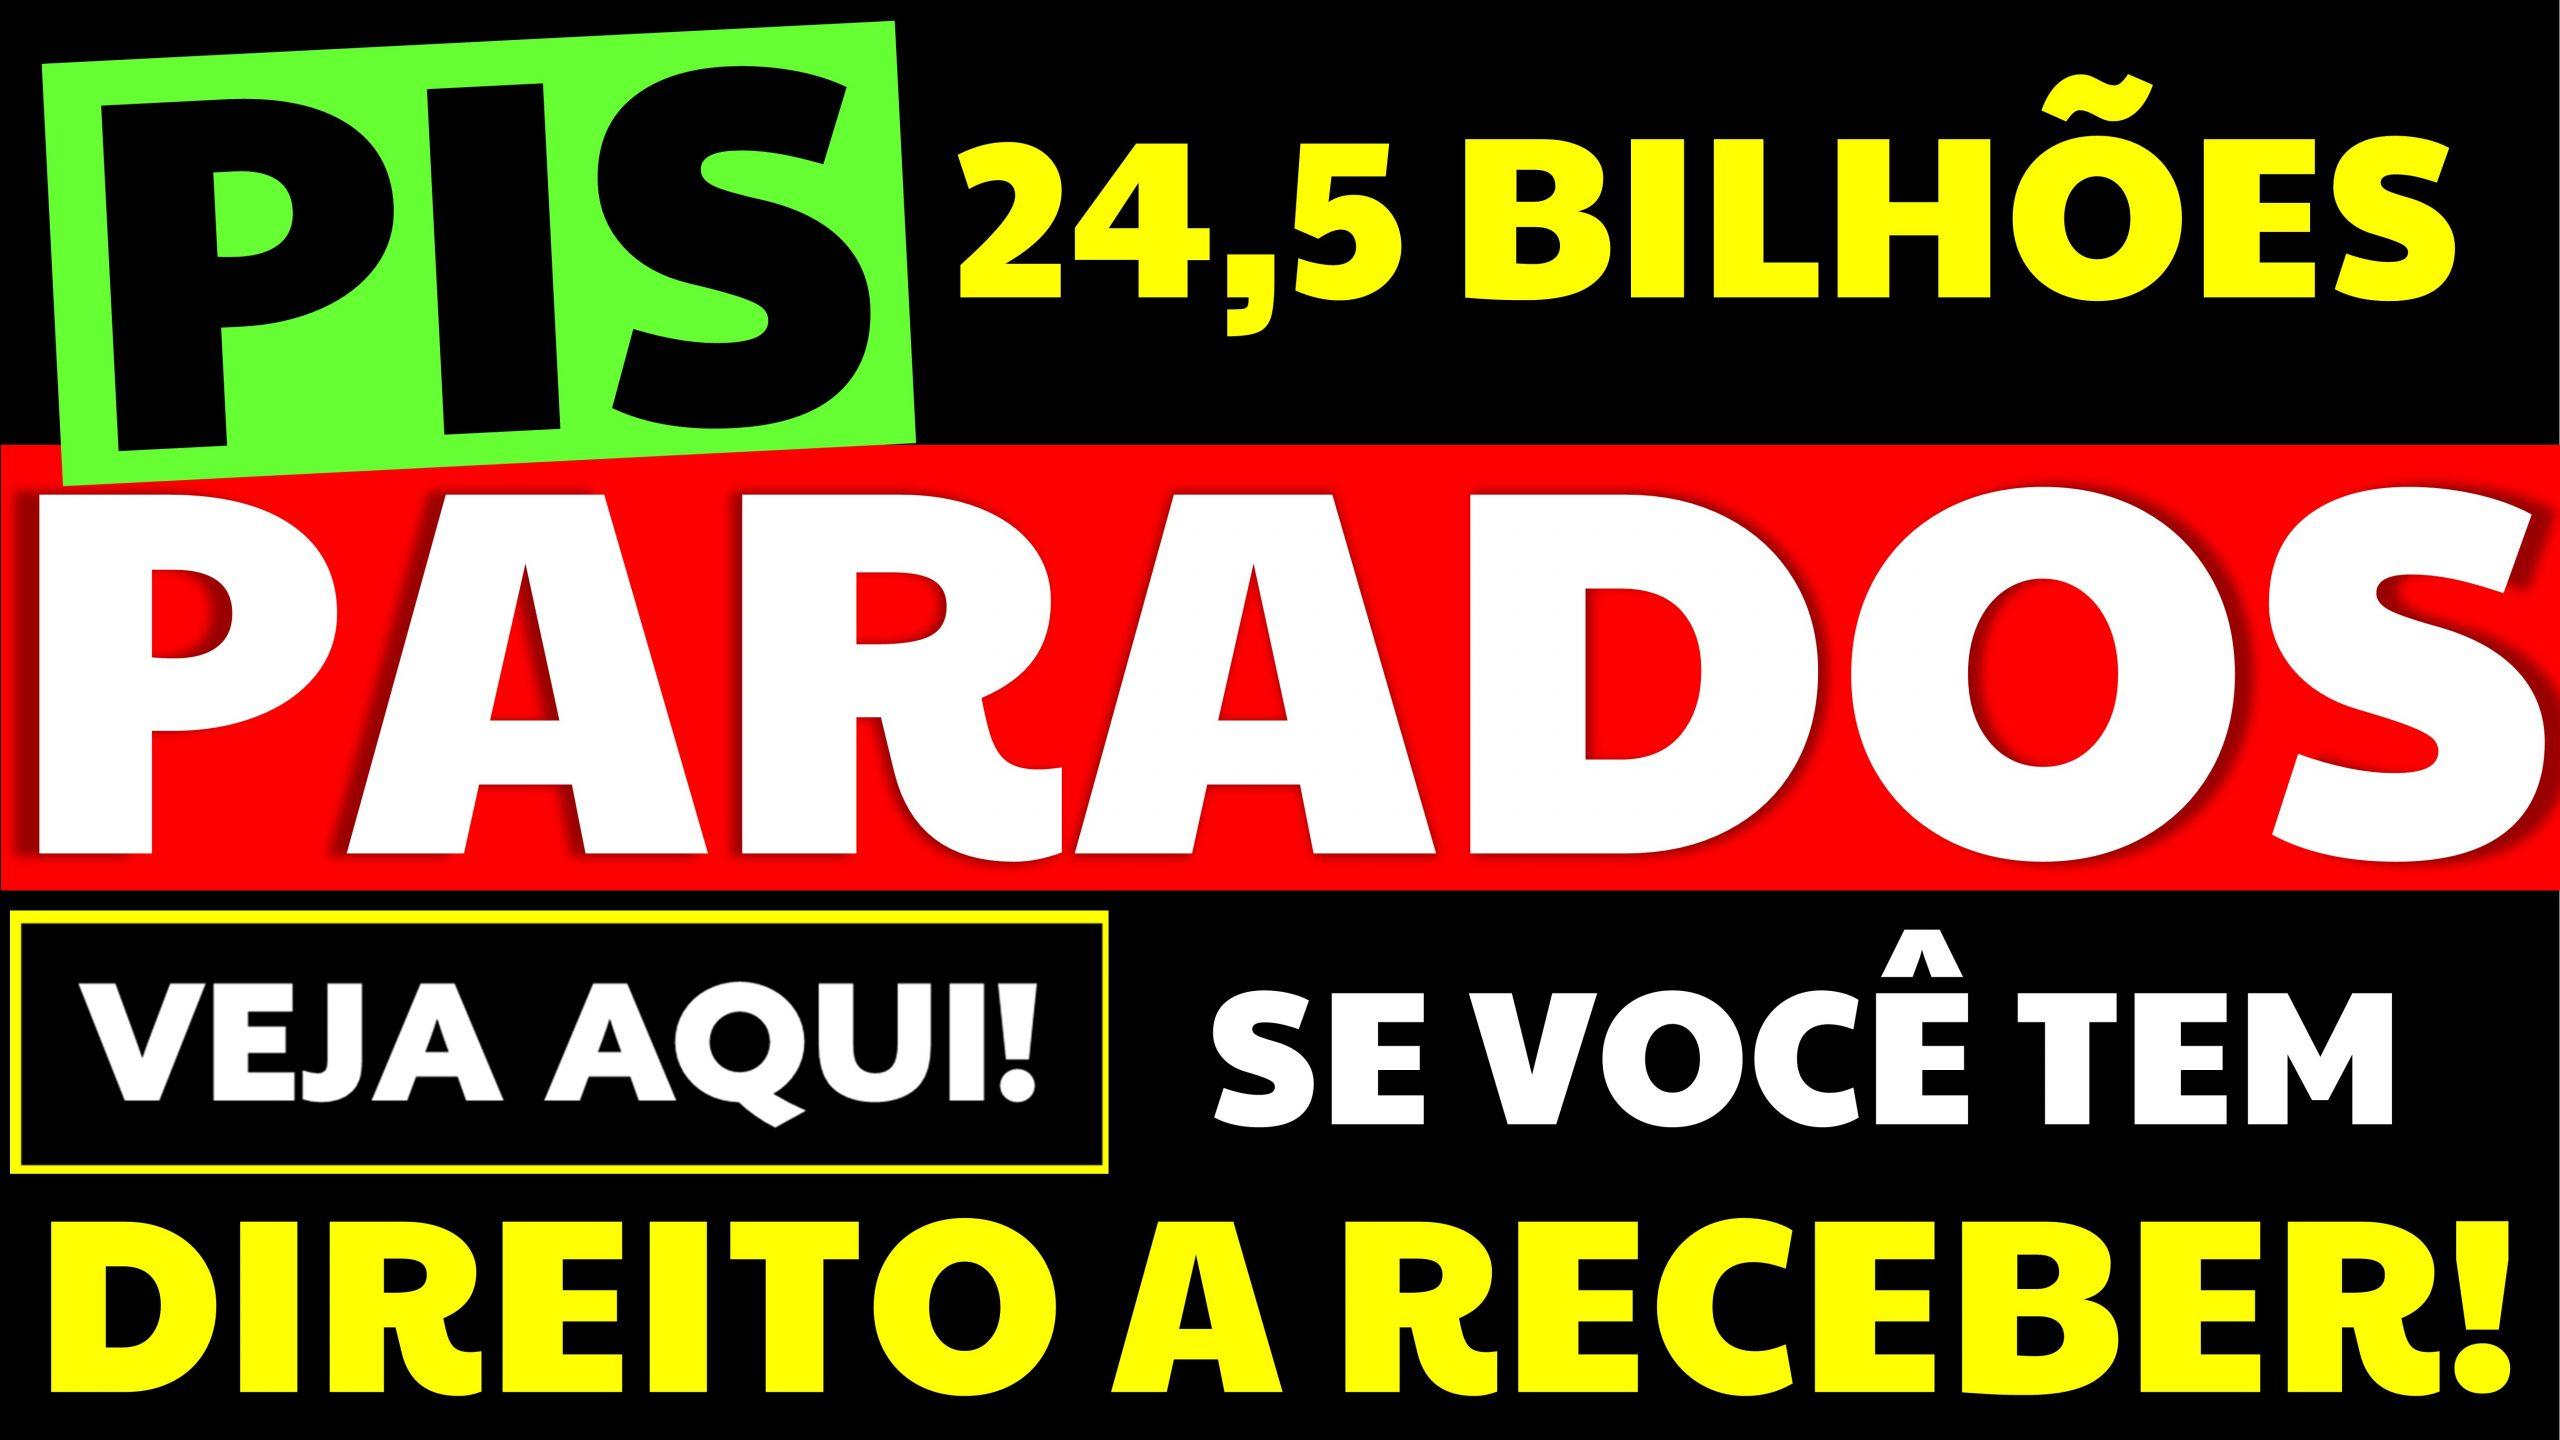 PIS tem R$ 24,5 bilhões parados no banco: Veja se você tem direito a receber dinheiro do PIS PASEP